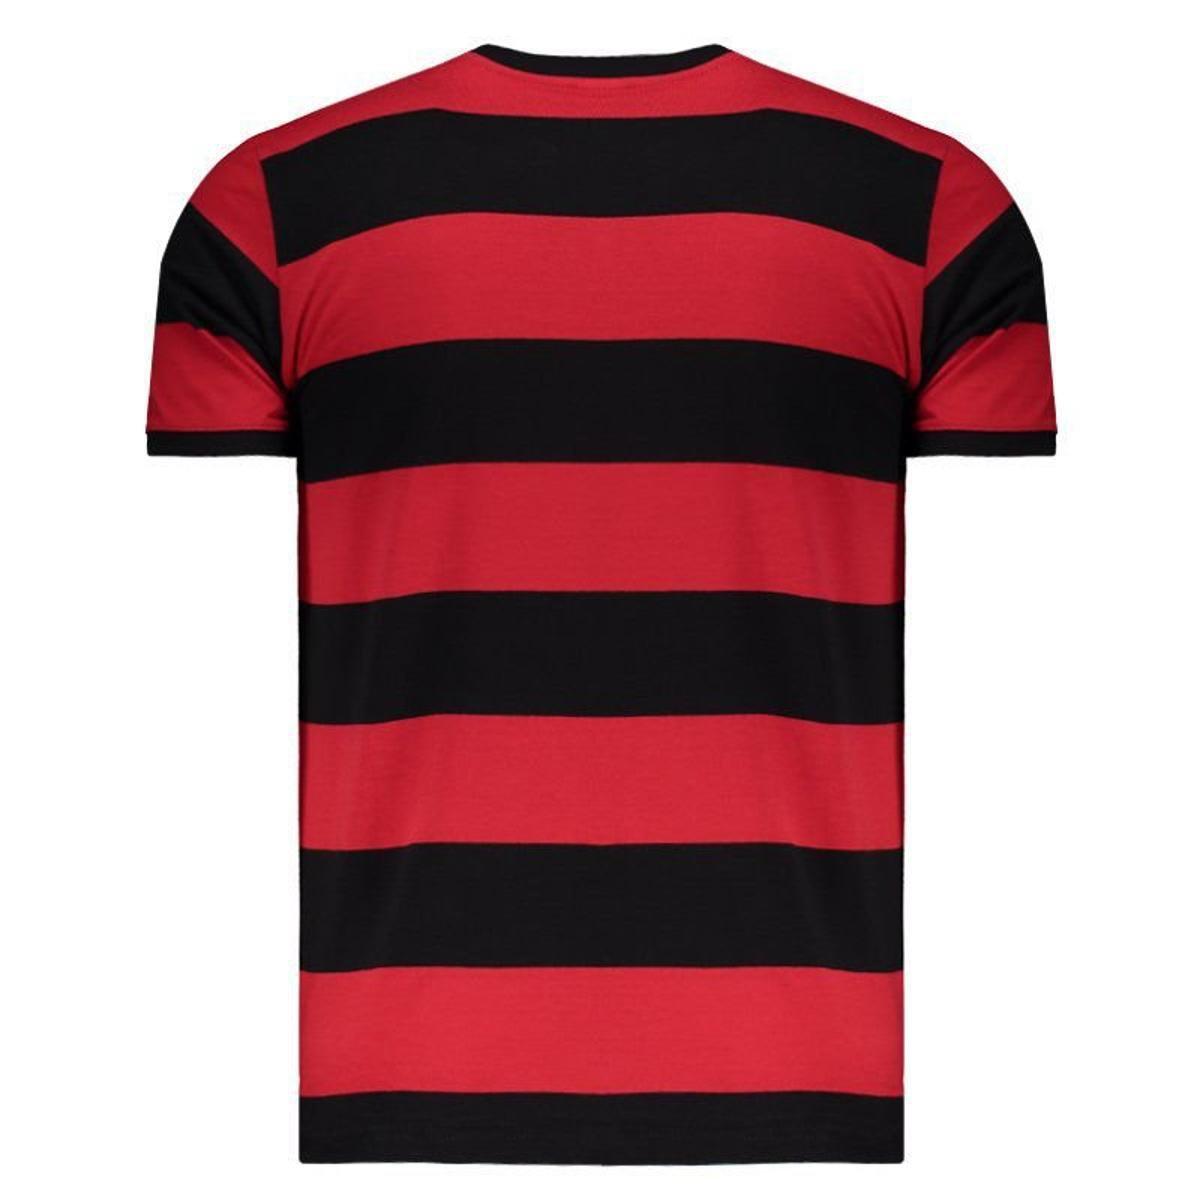 8e9d4cb262 Camisa Flamengo Fla-Tri Masculina - Preto e Vermelho - Compre Agora ...